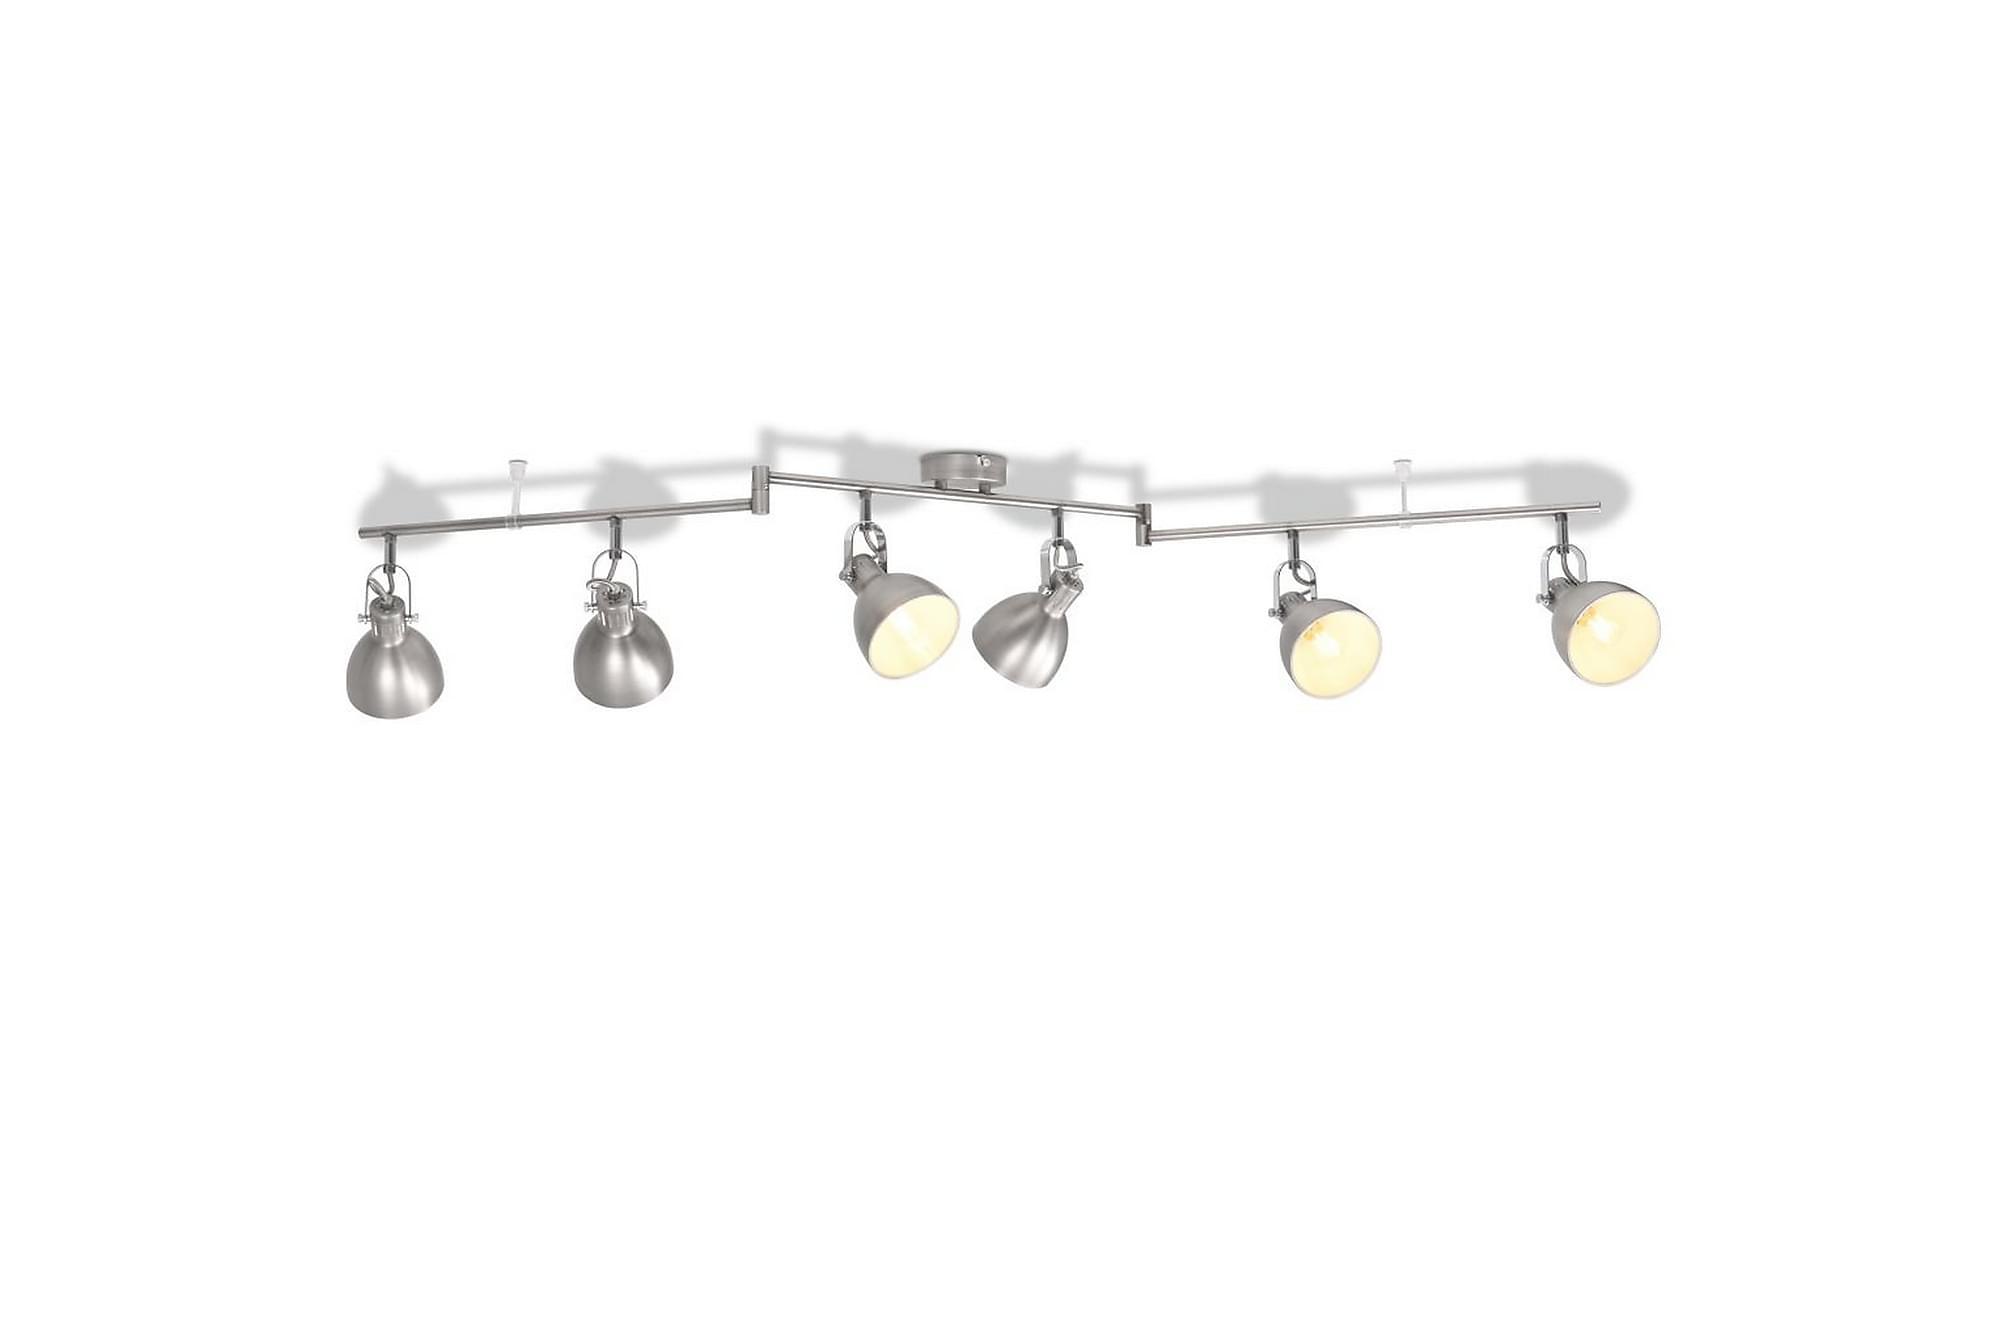 Taklampa för 6 glödlampor E14 grå, Taklampor